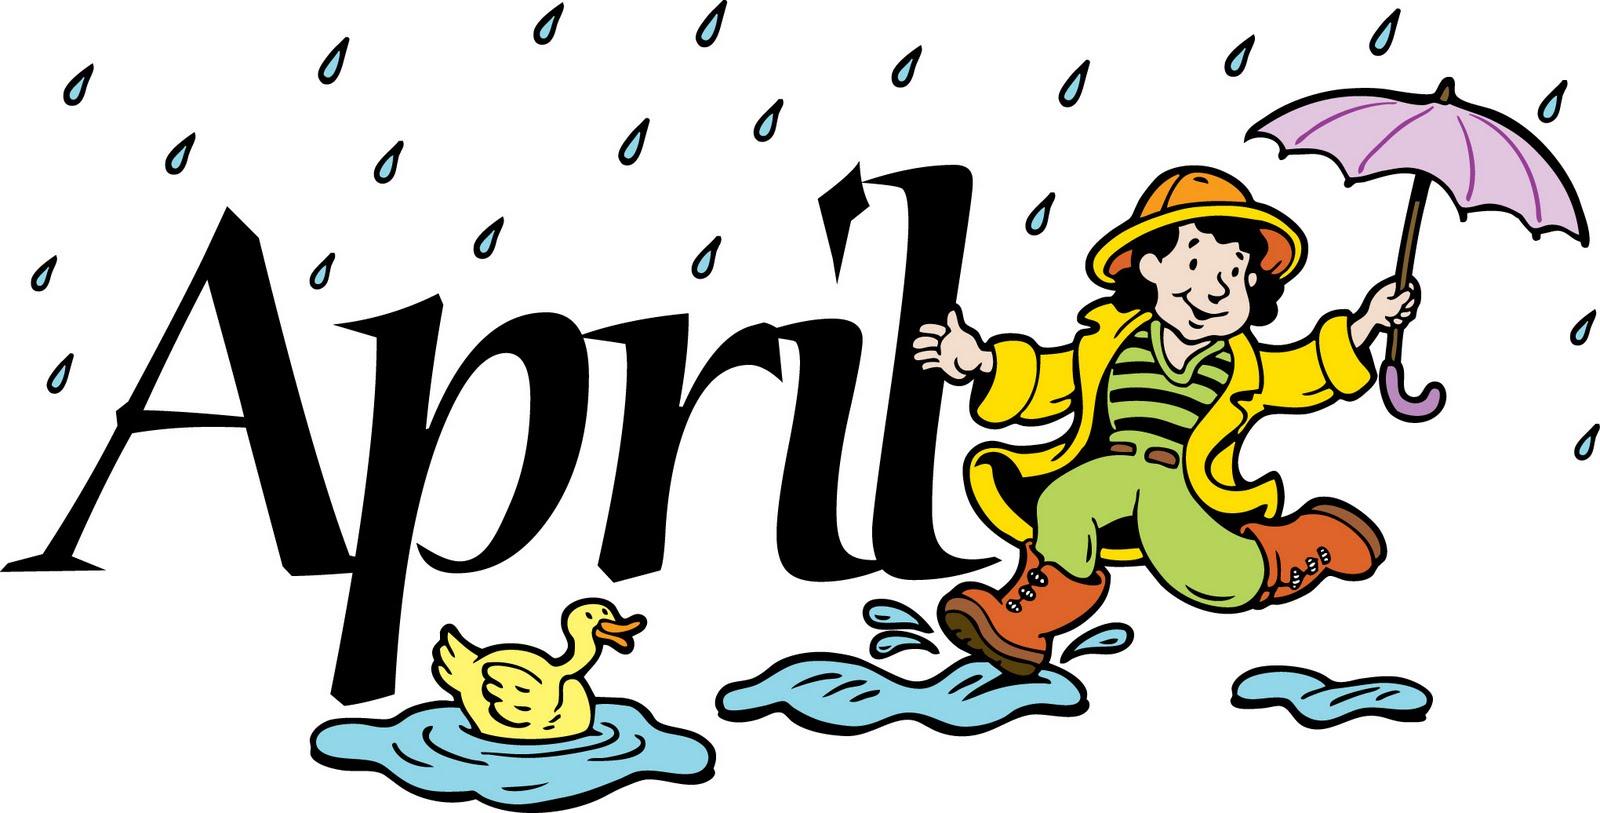 April calendar clipart svg Calendar Clip Art - ClipArt Best svg